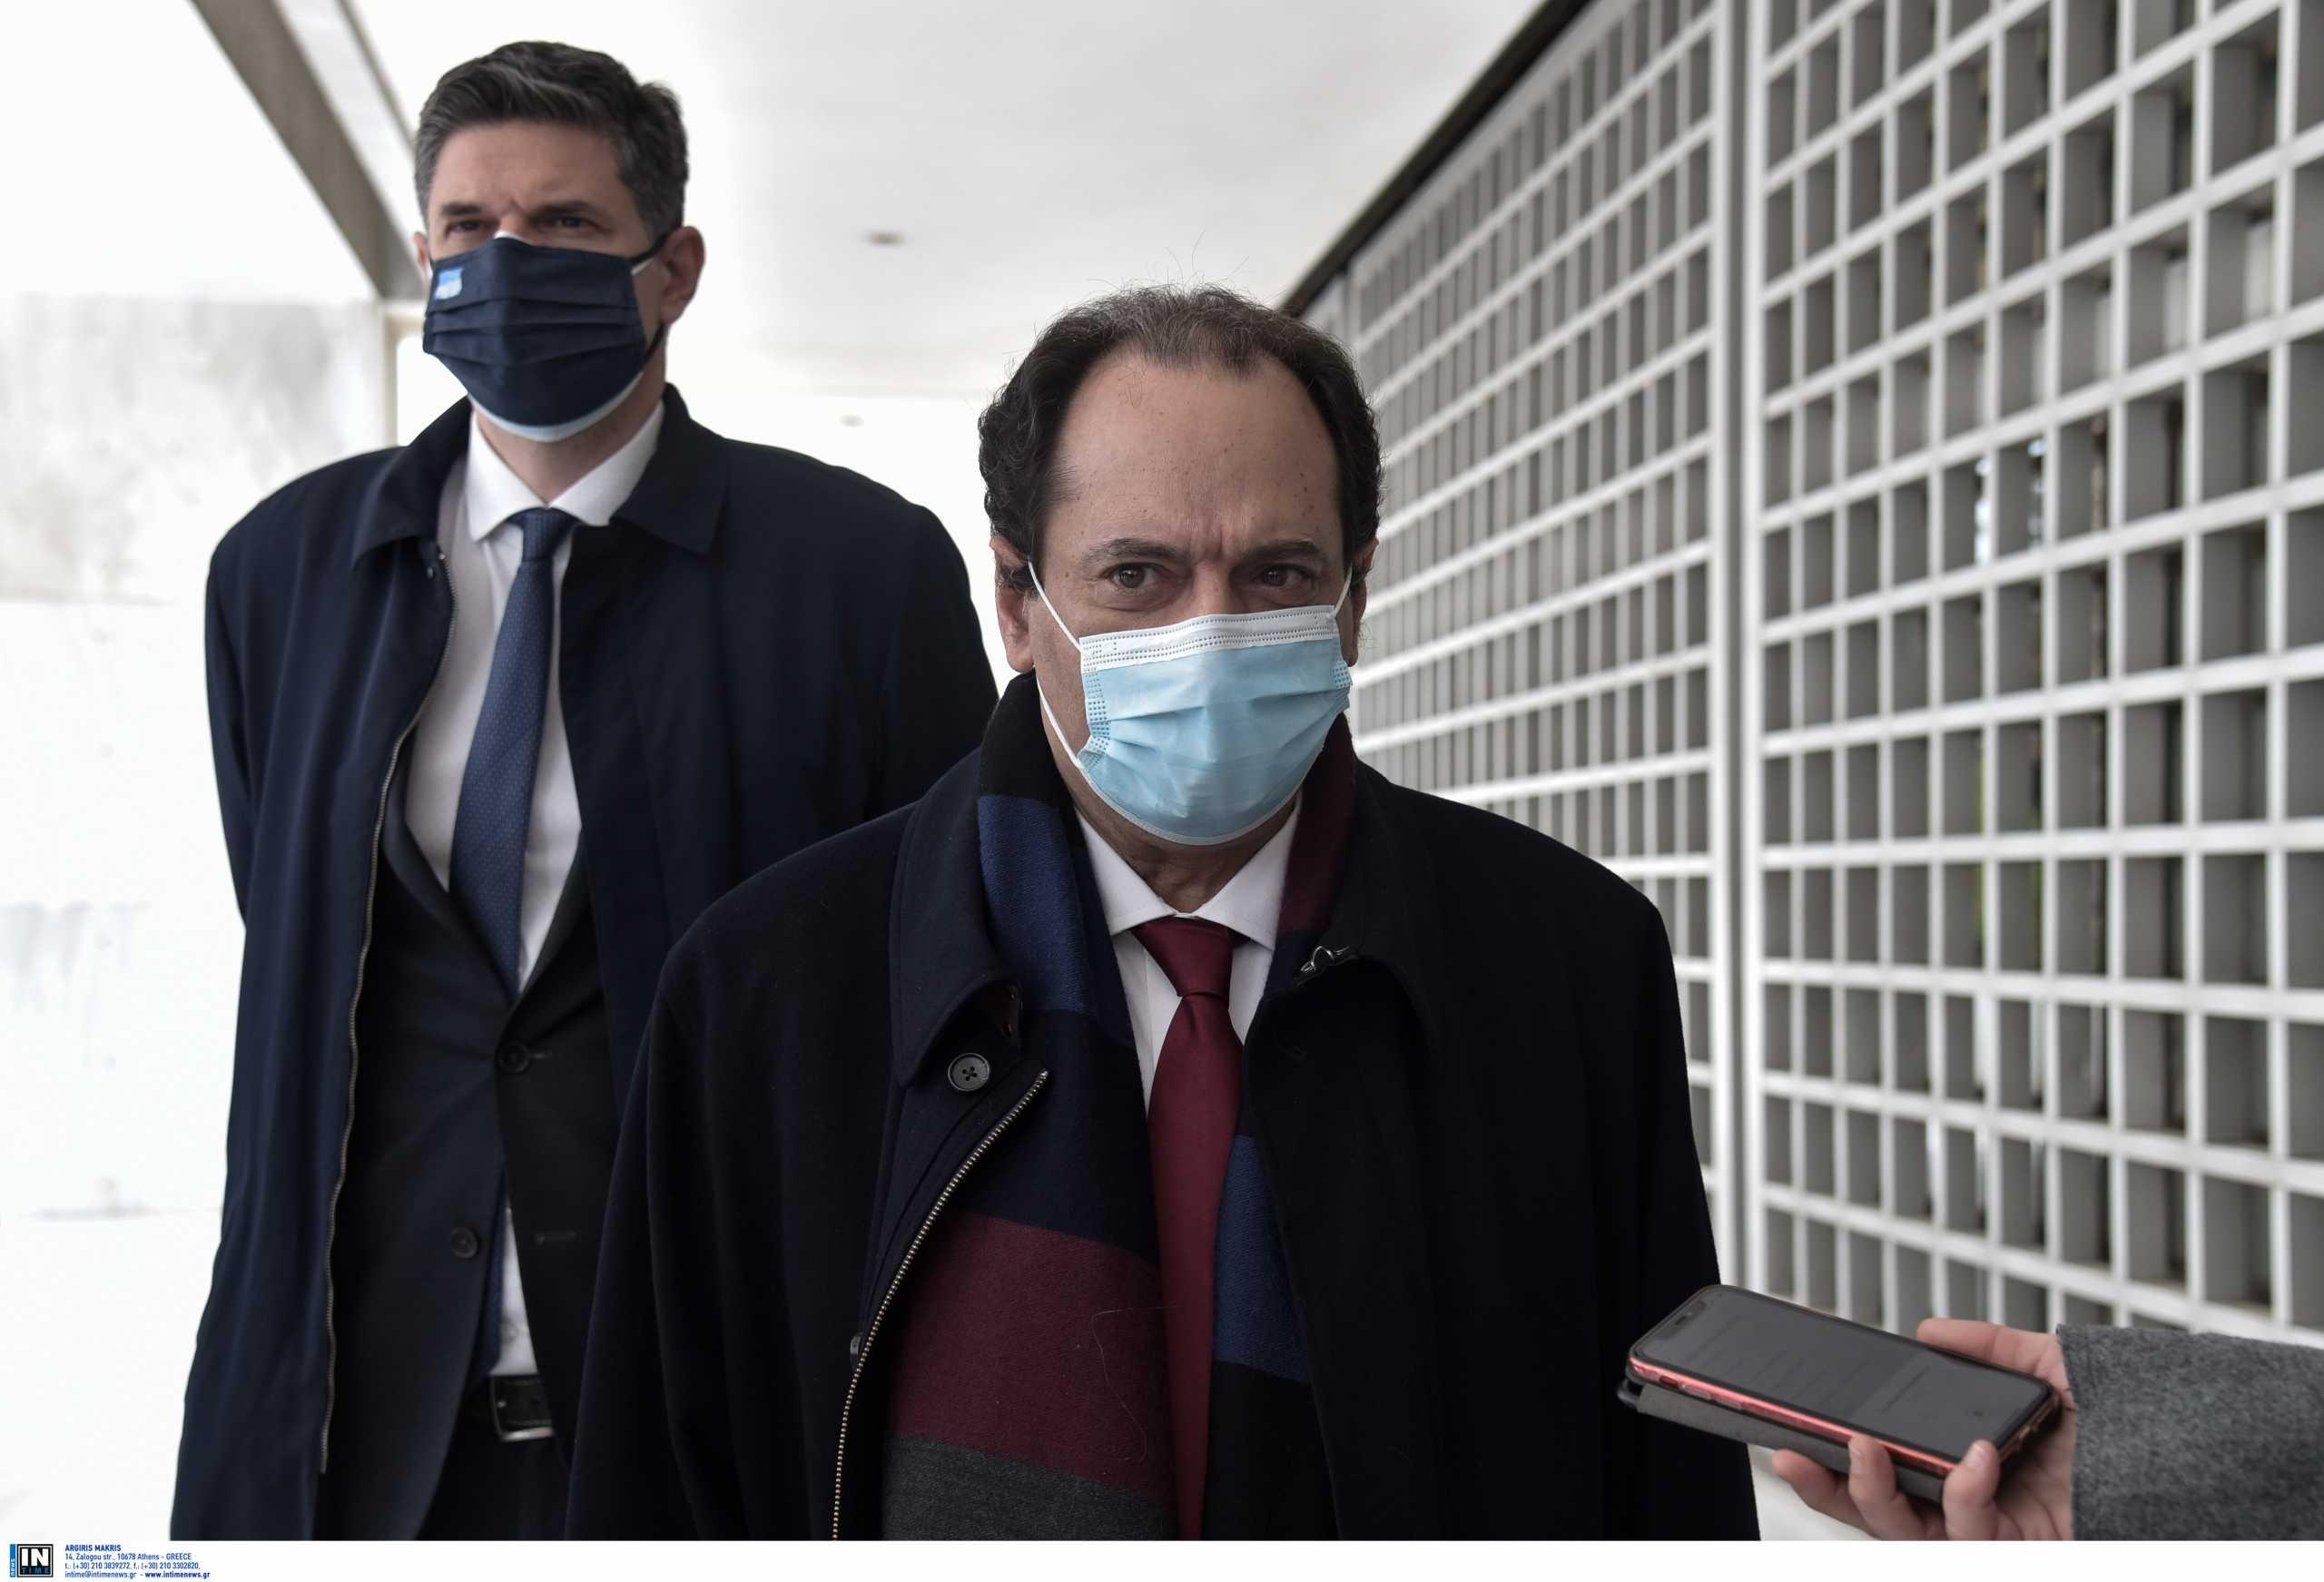 Ο ΣΥΡΙΖΑ «ανεβάζει» το θέμα της ασφάλειας μετά το έγκλημα στα Γλυκά Νερά